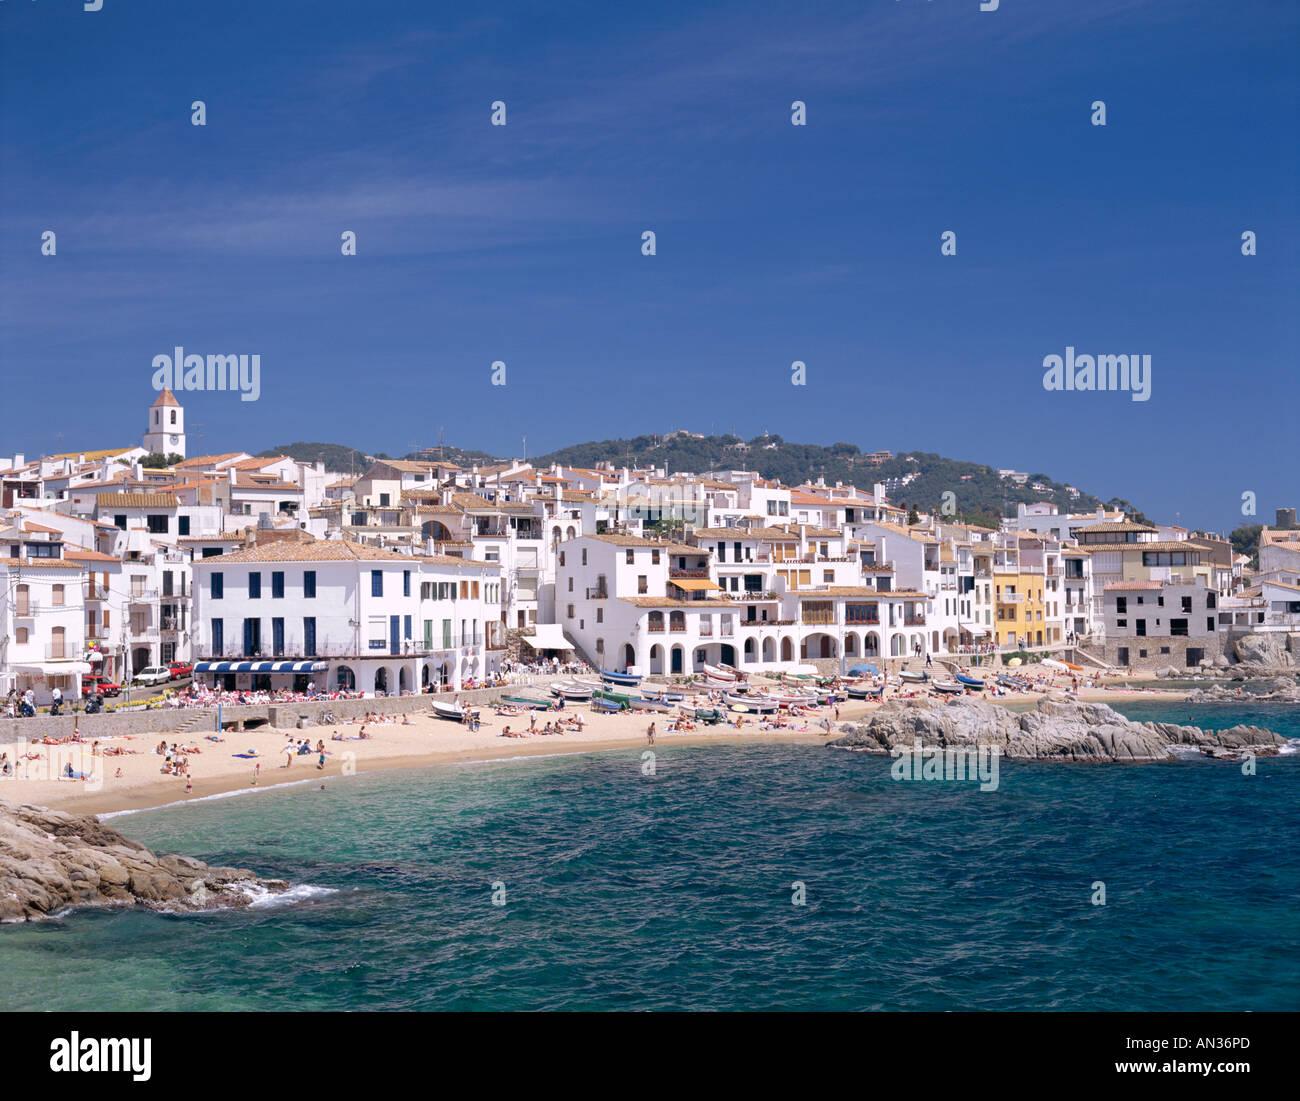 La Costa Brava, Calella de Palafrugell, Cataluña, España Imagen De Stock